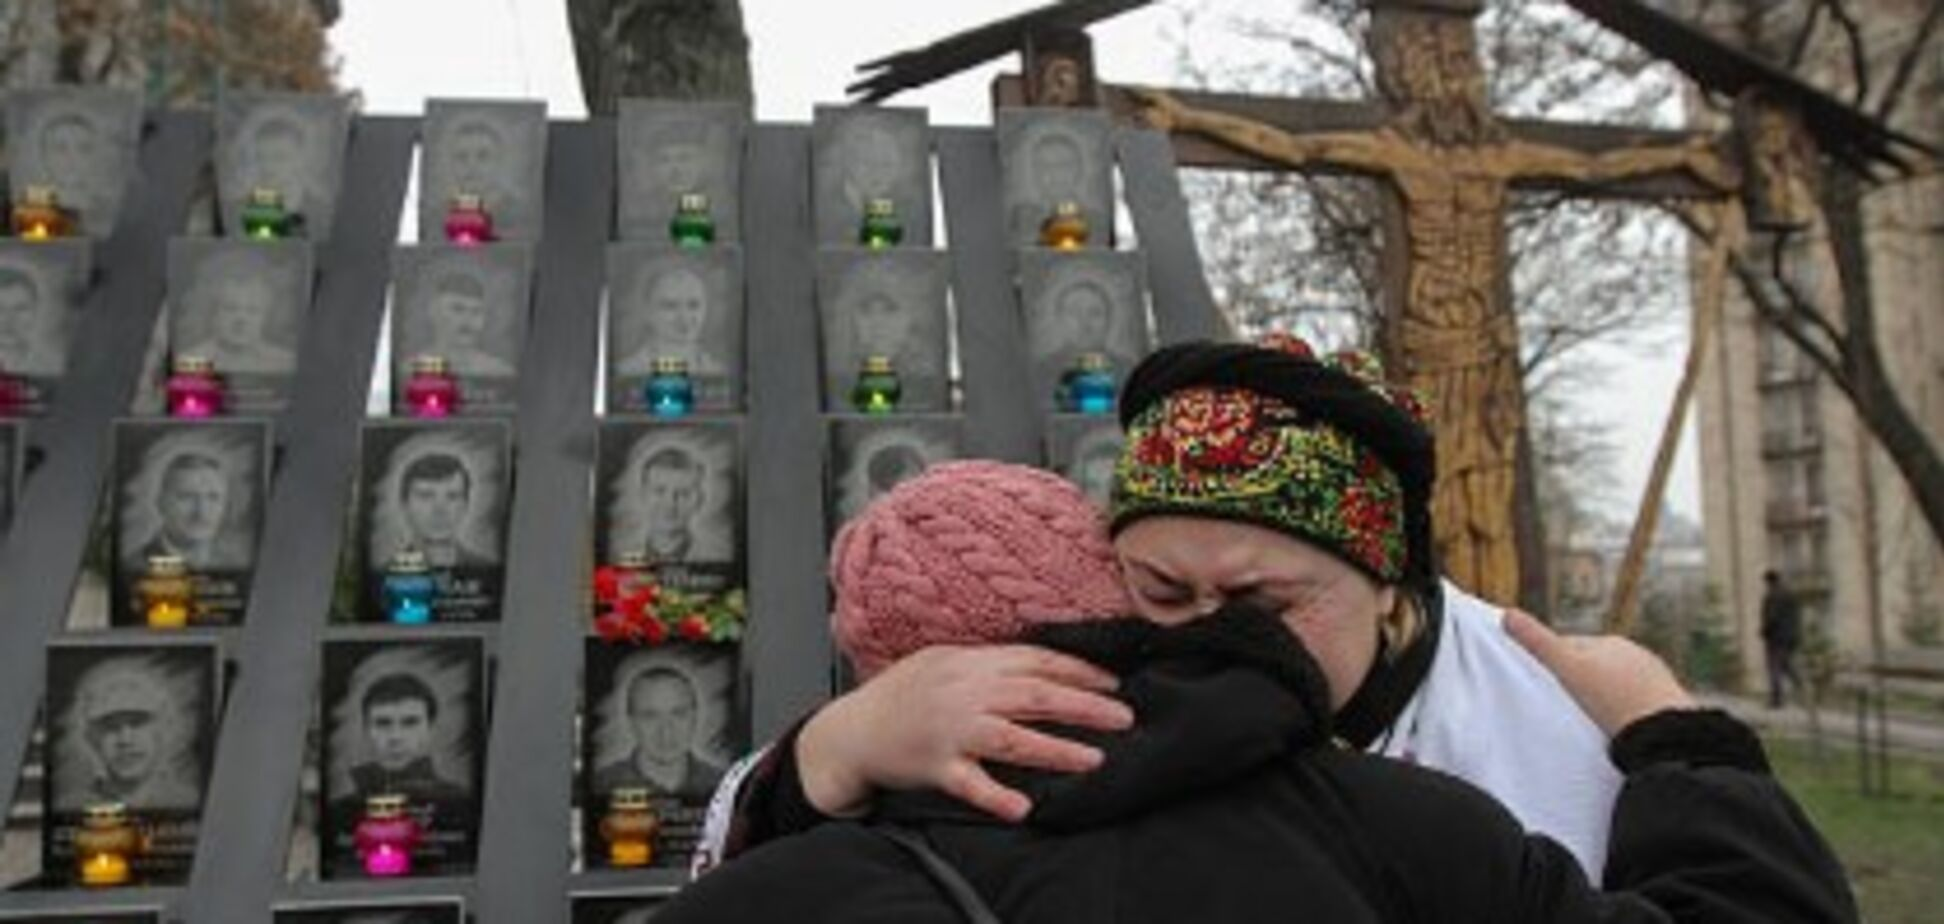 The Washington Post узнала детали операции Кремля по очернению Майдана и запугиванию крымчан 'нацистами'